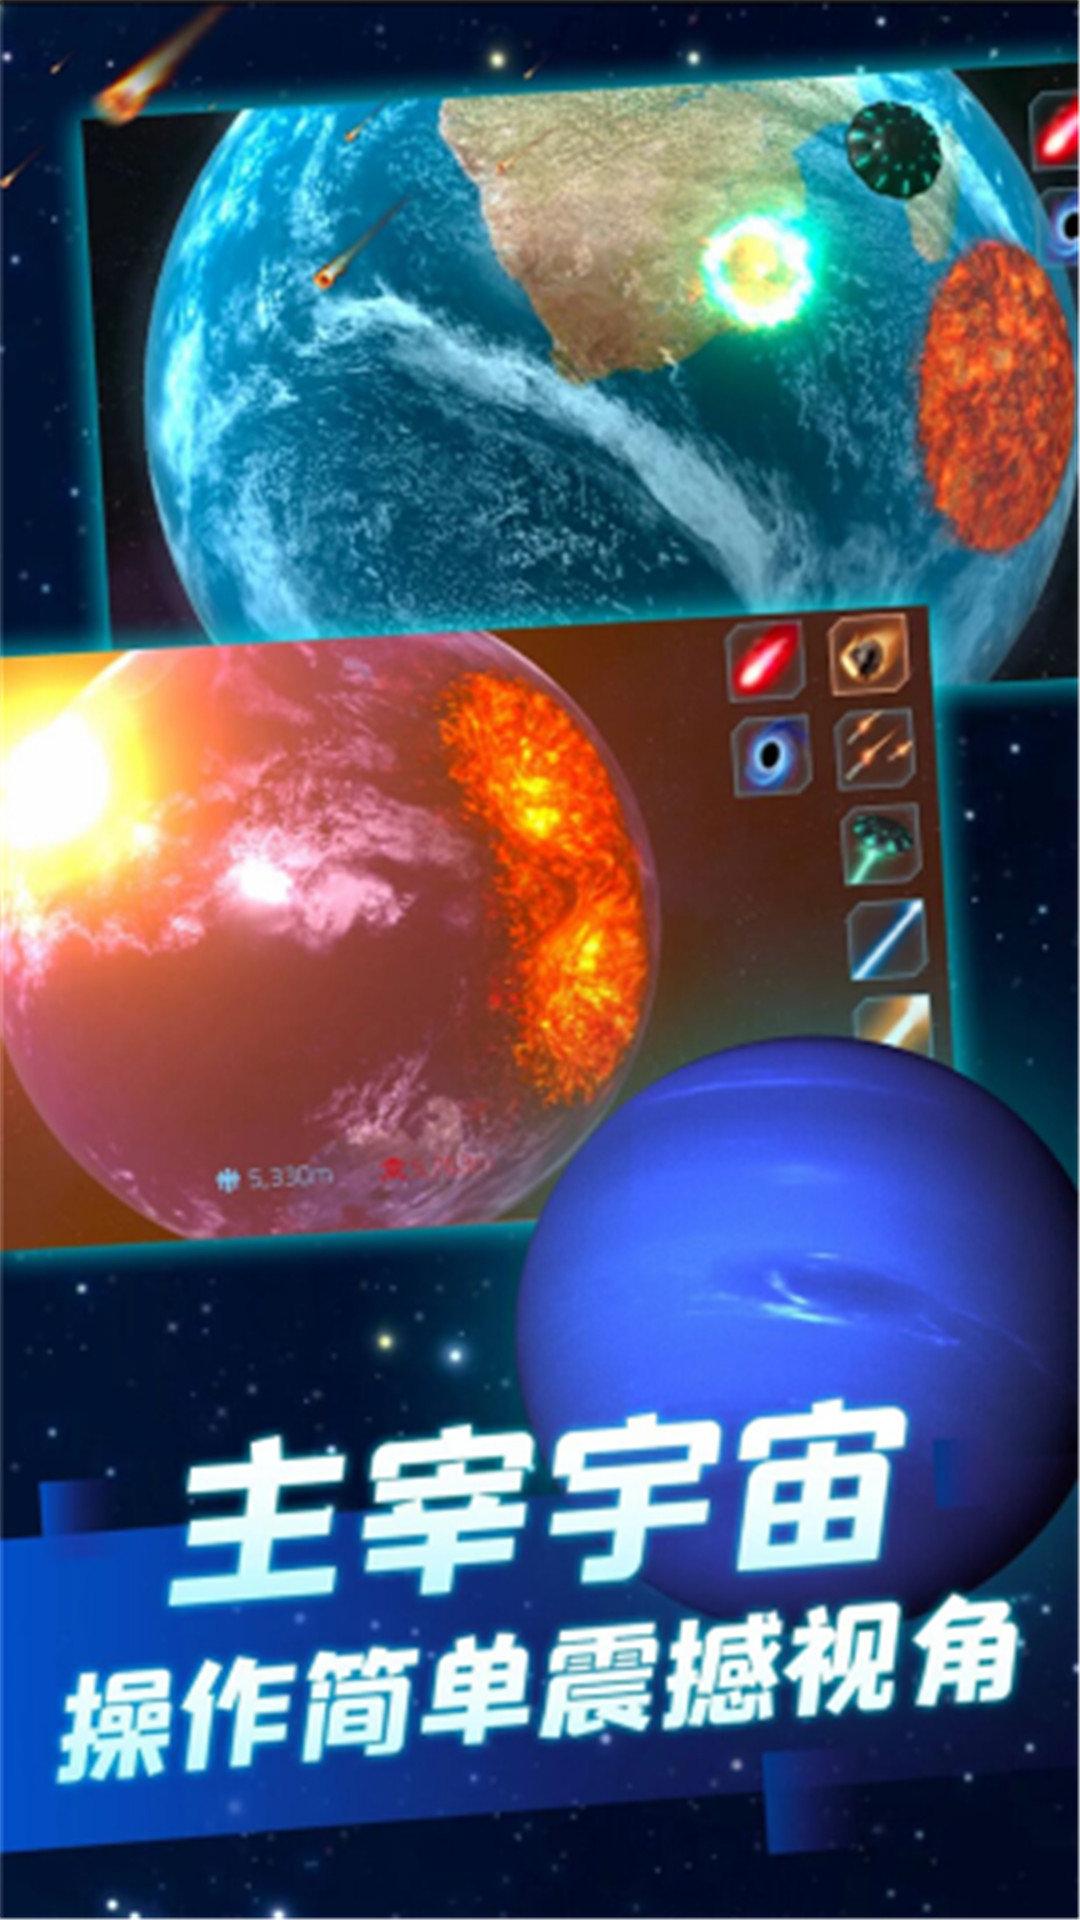 星球毁灭模拟器2021最新版图1